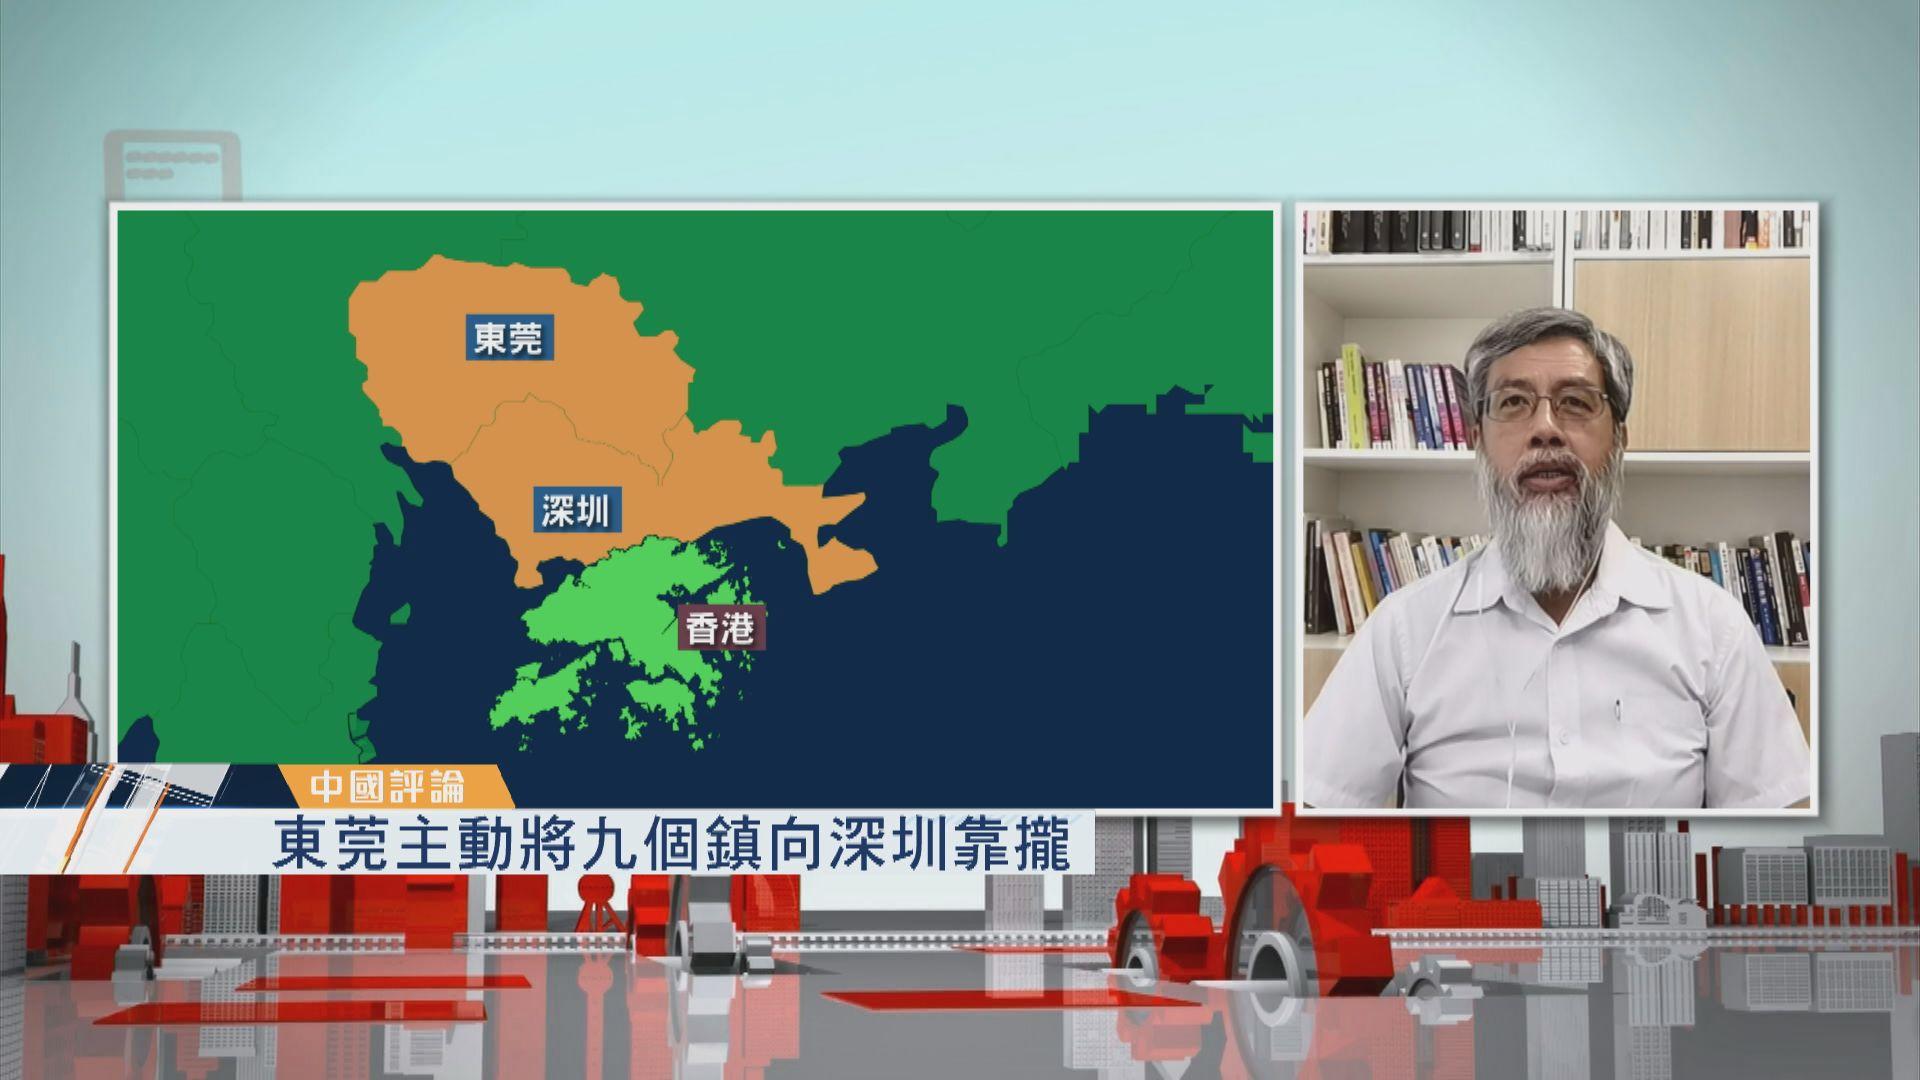 【中國評論】東莞向深圳靠攏/廣州地鐵變高鐵